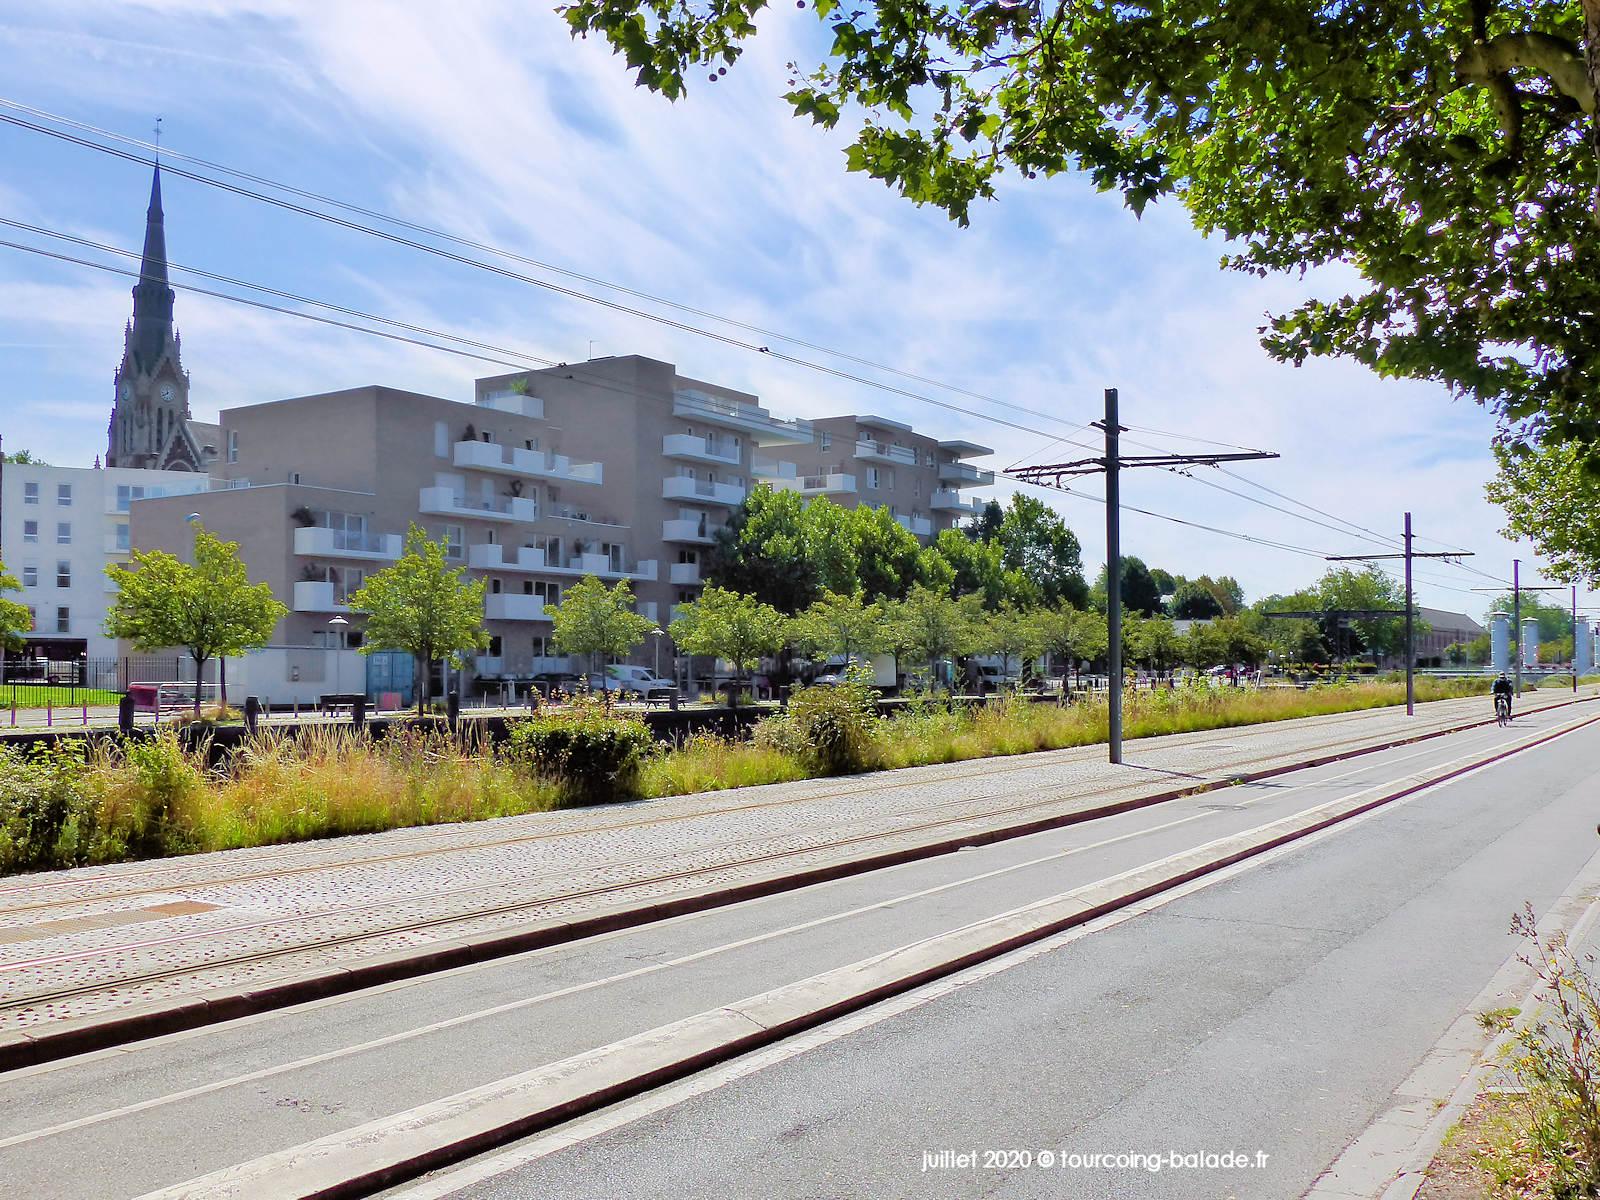 Verdure arbres Quai de Cherbourg, Tourcoing 2020